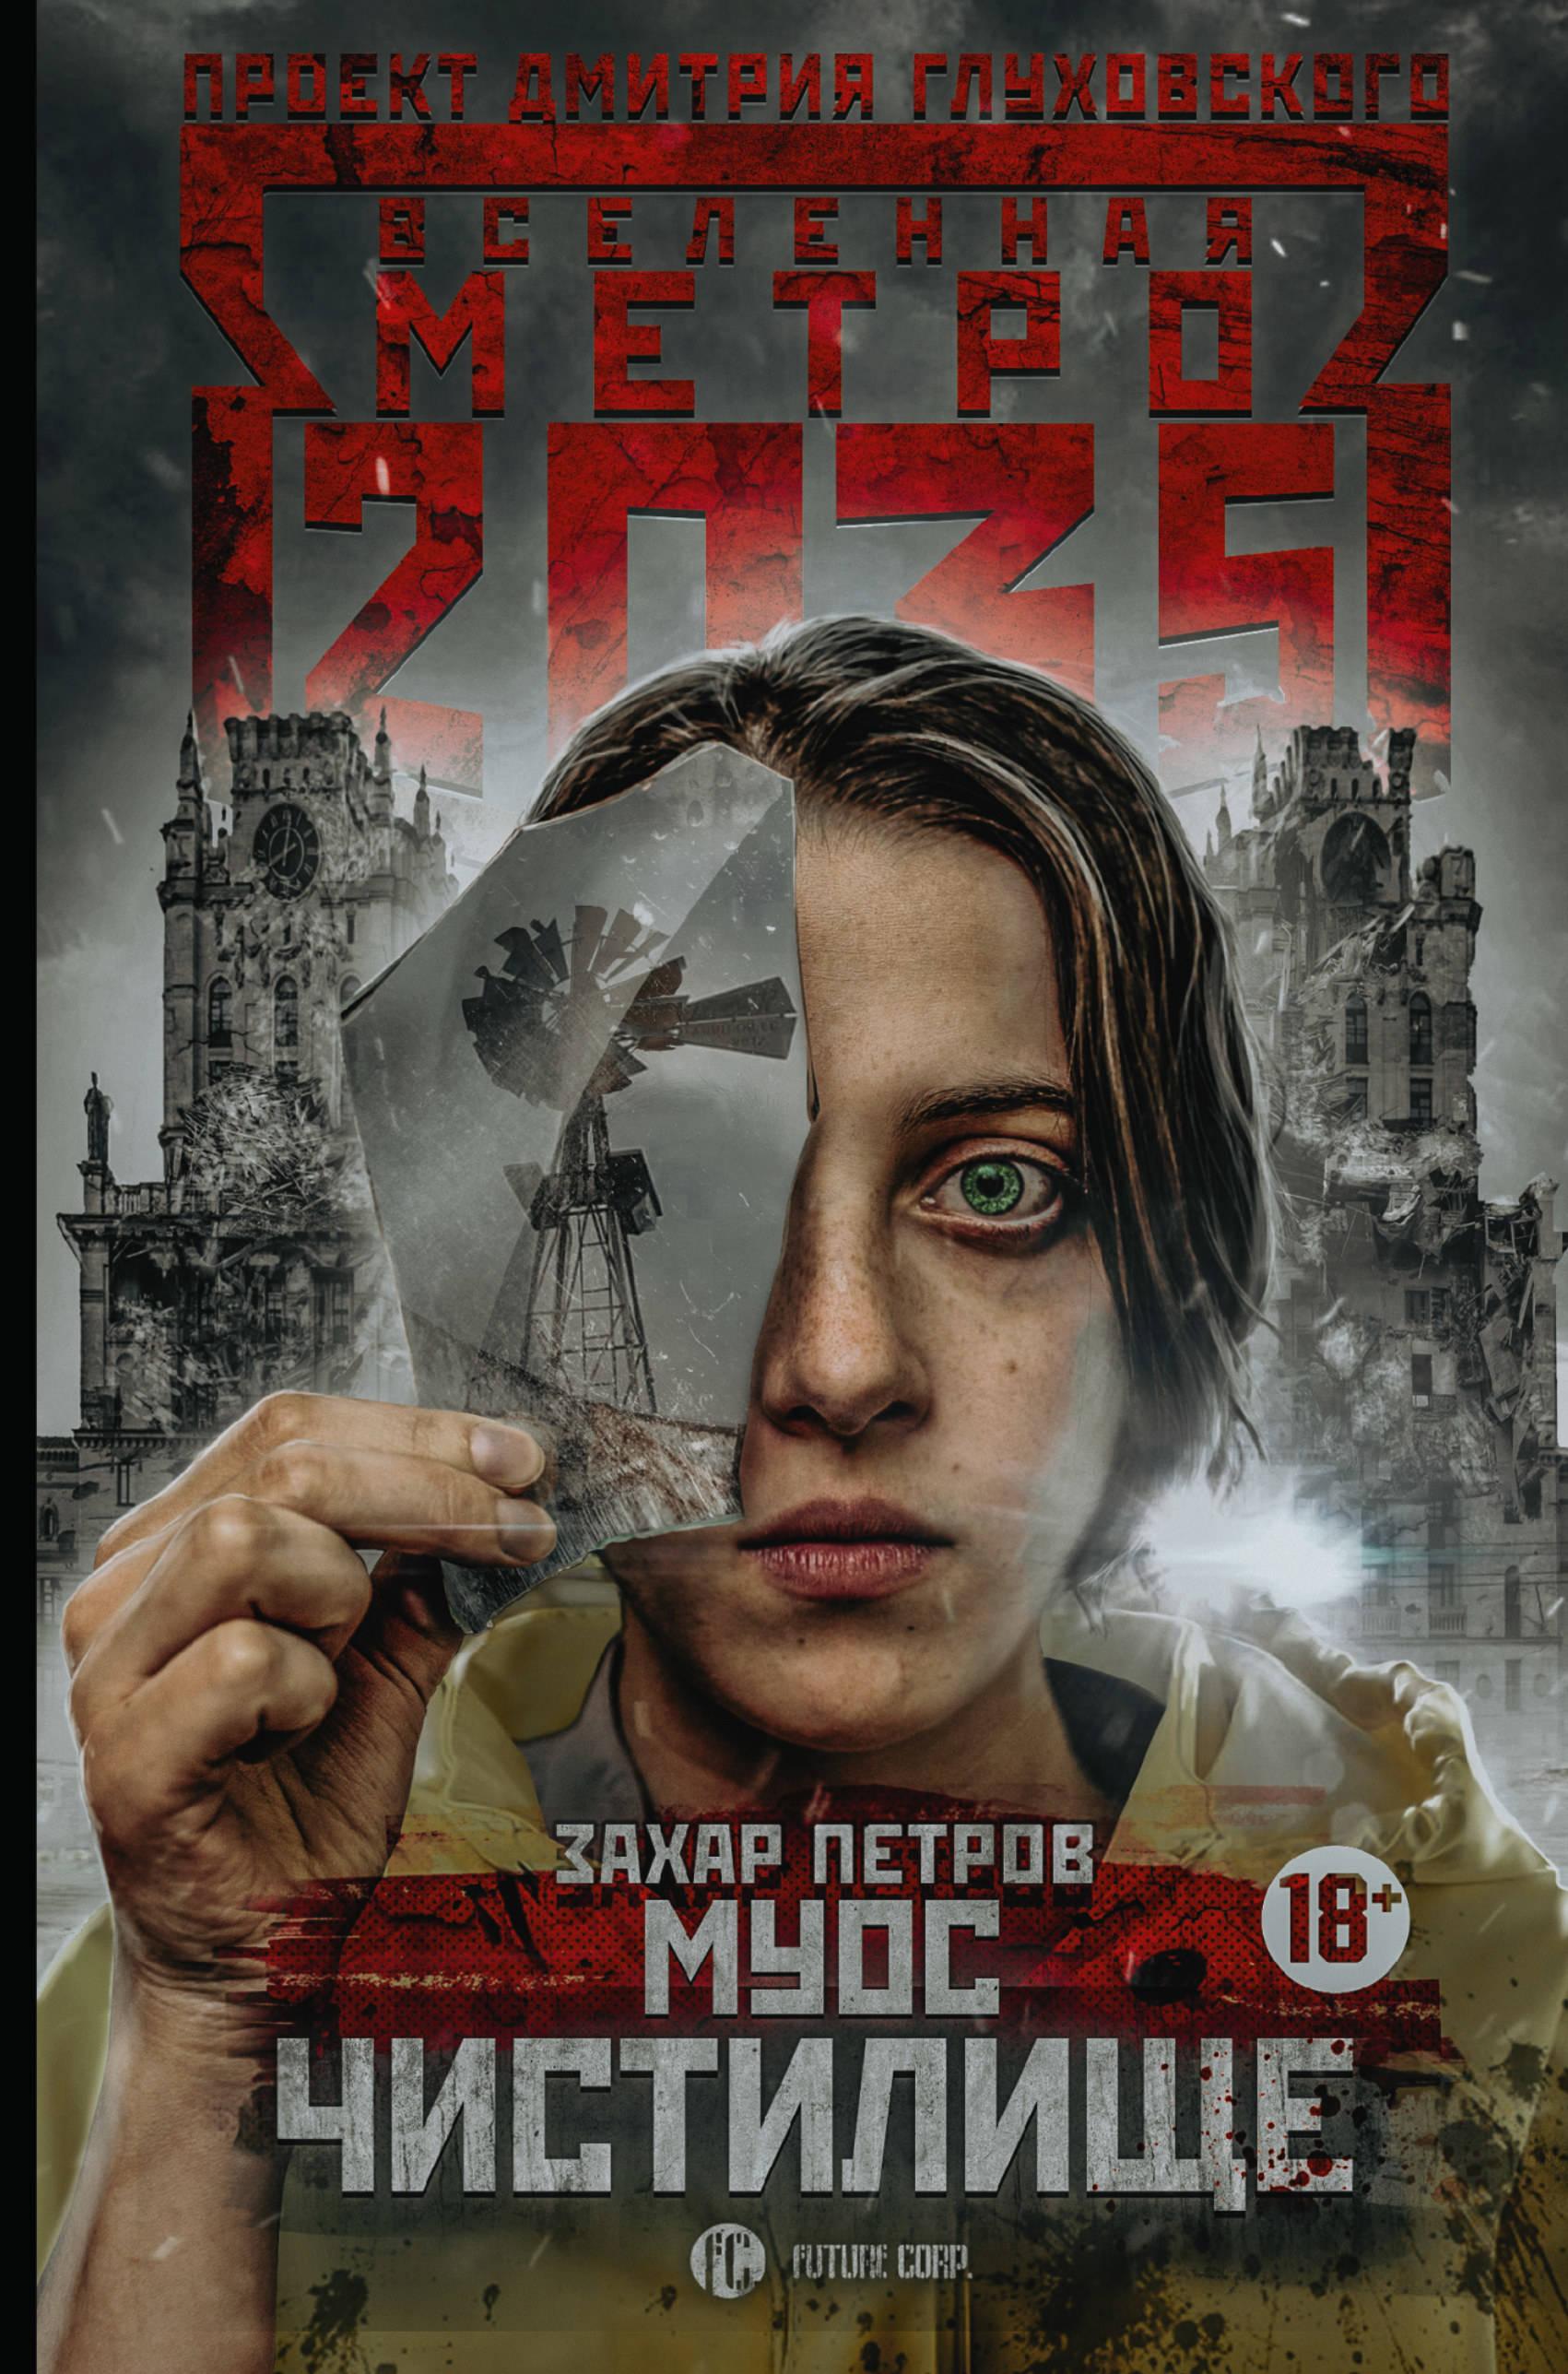 Метро 2035: Муос. Чистилище - Захар Петров